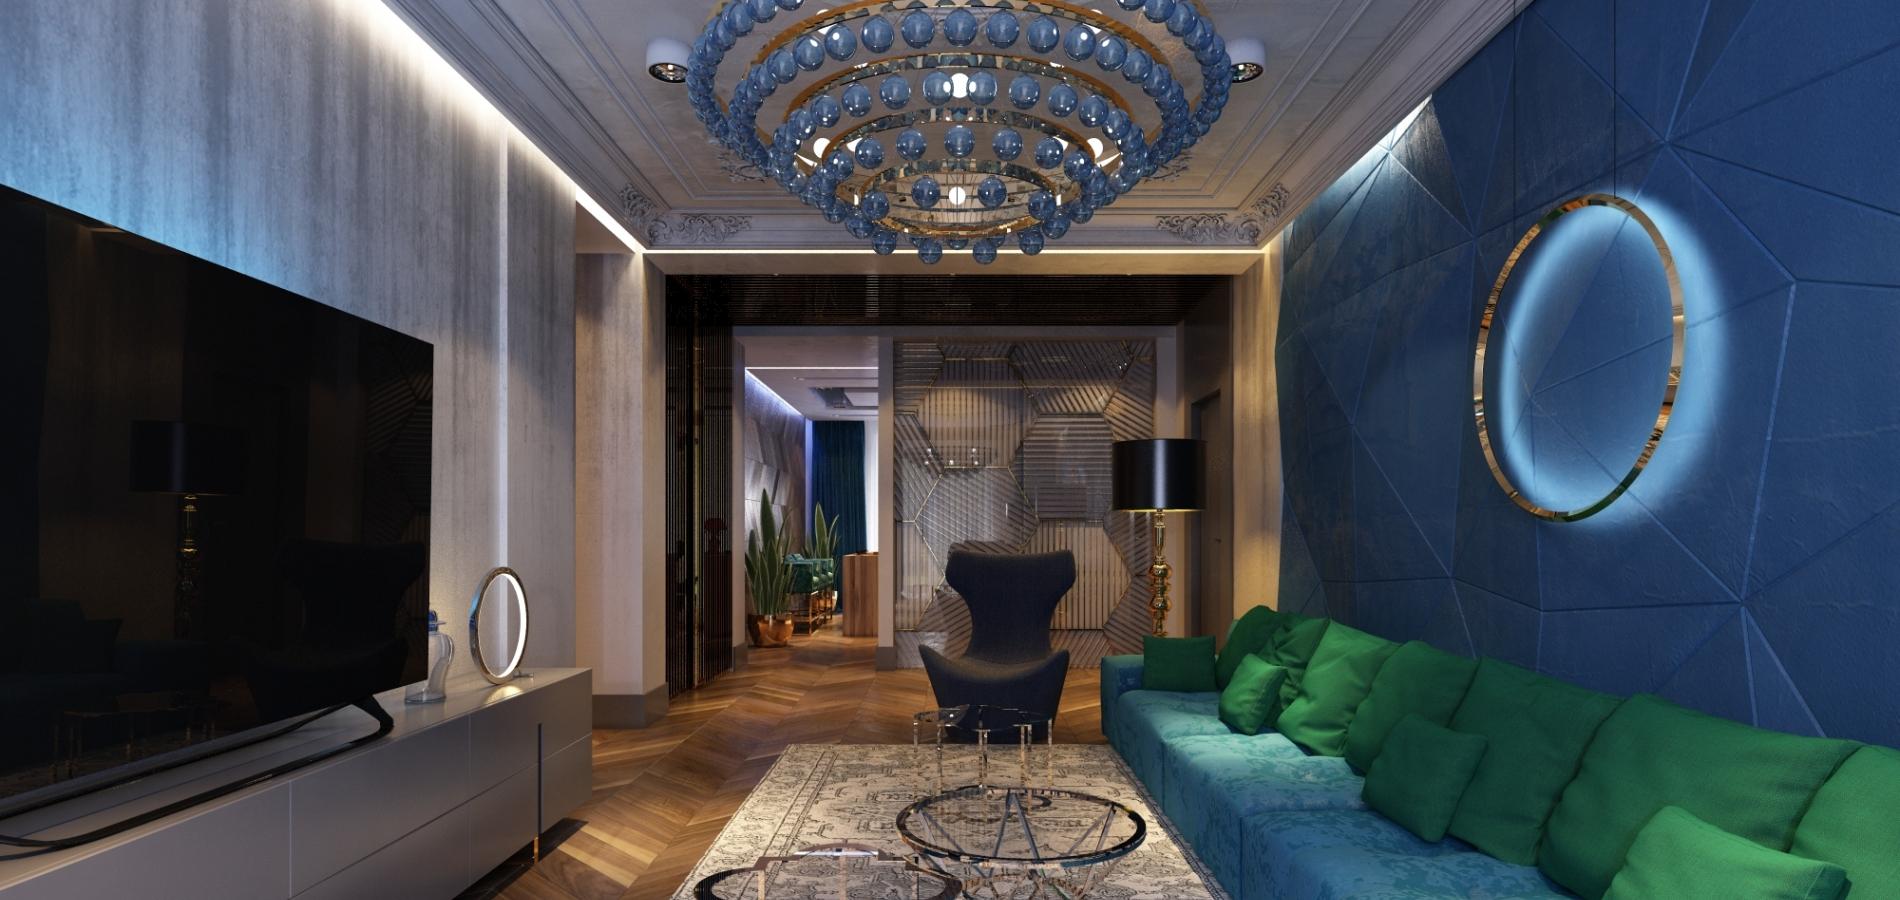 Эксклюзивная дизайнерская мебель для квартиры